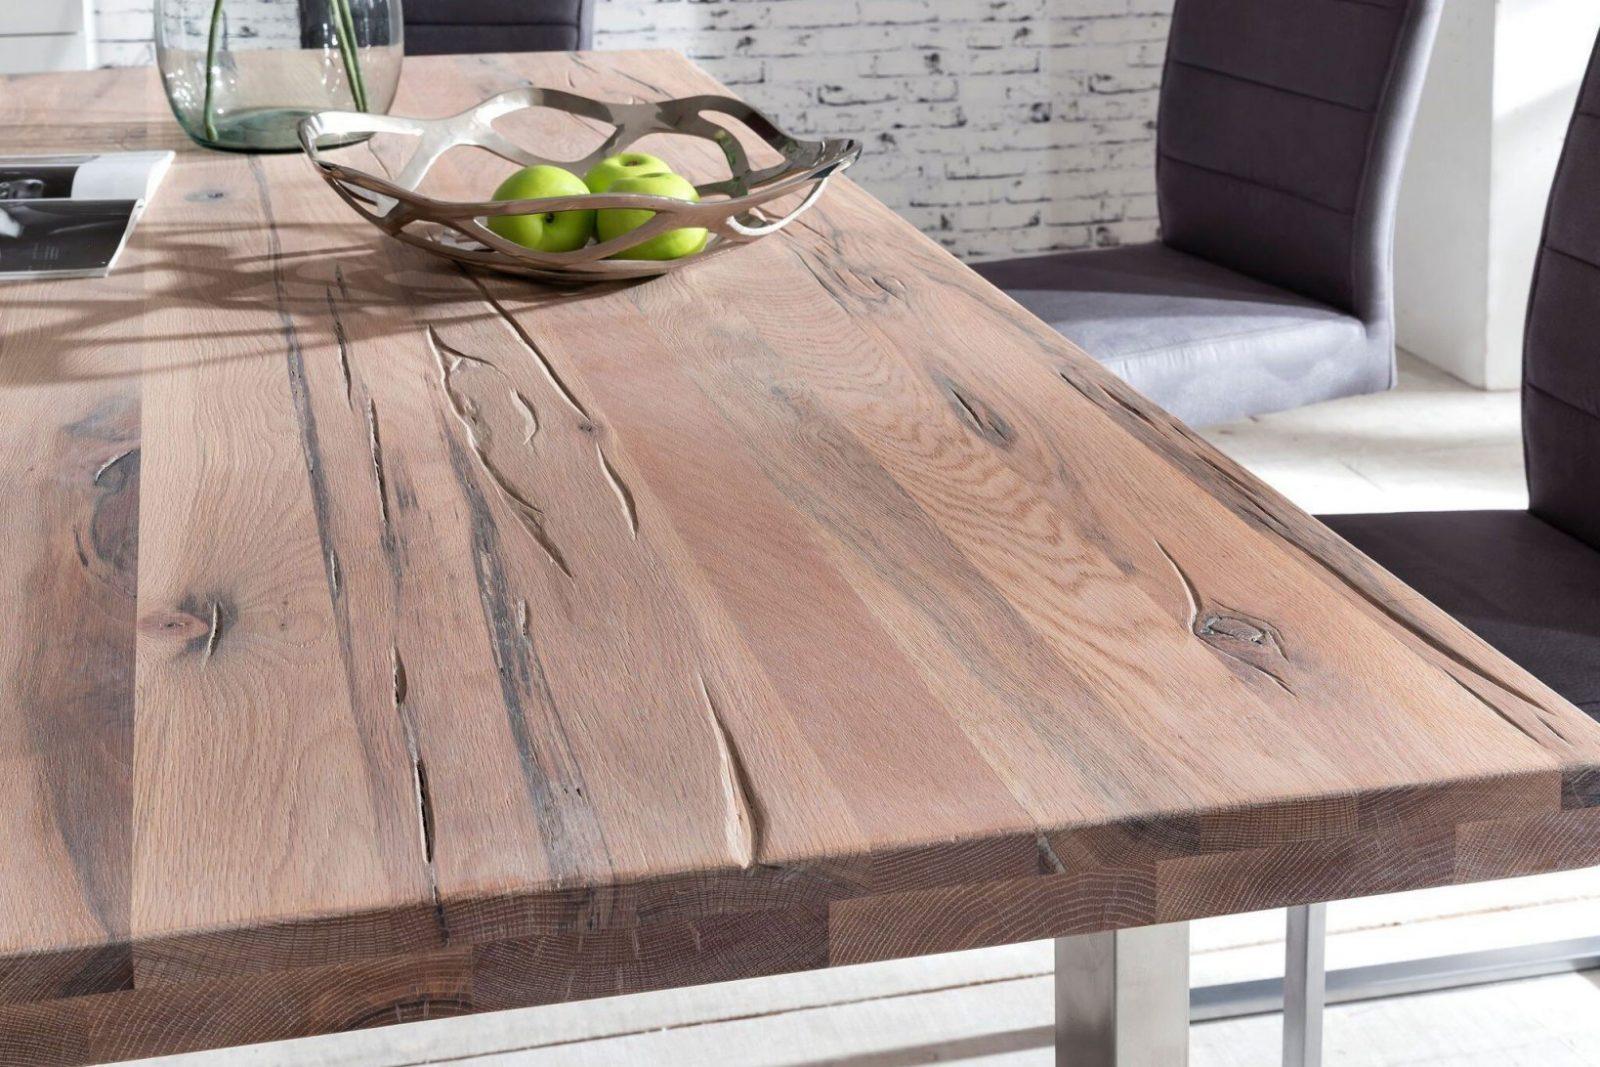 Tisch New York Eiche Weiß Gekälkt Von Massivdirekt  Möbel Letz von Esstisch Eiche Weiß Gekalkt Bild